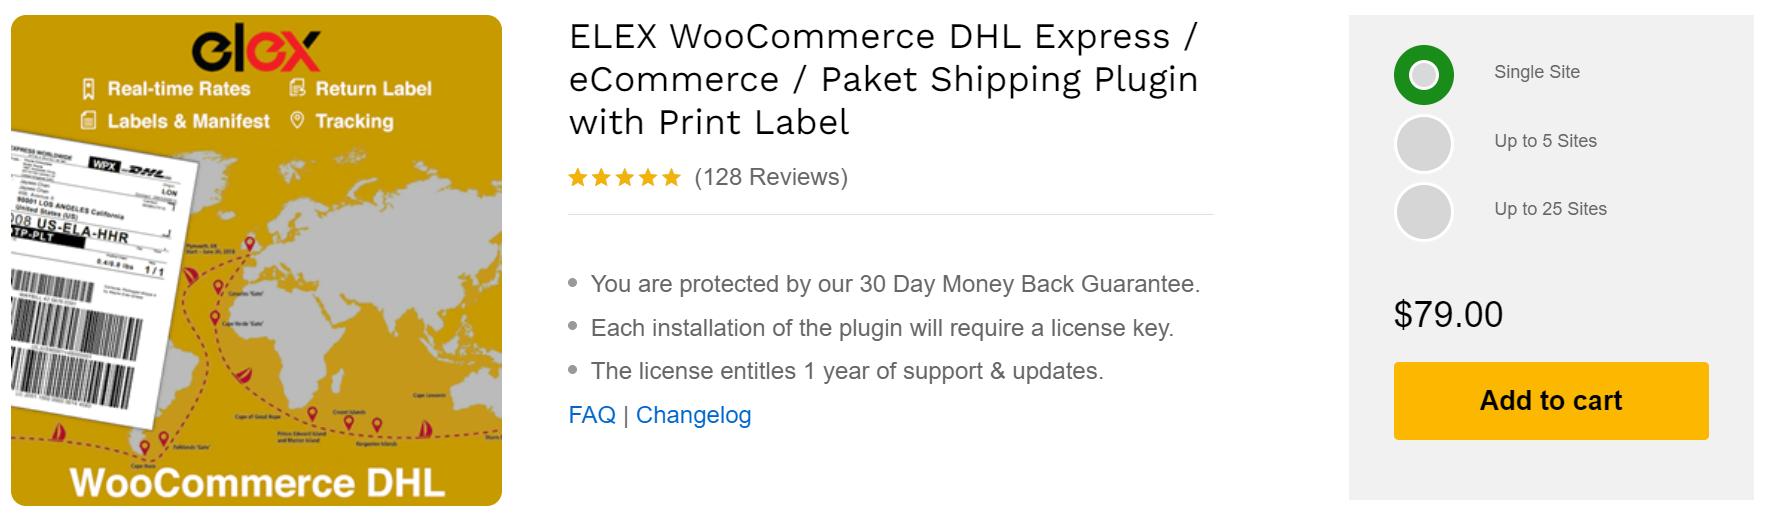 ELEX WooCommerce DHL Express